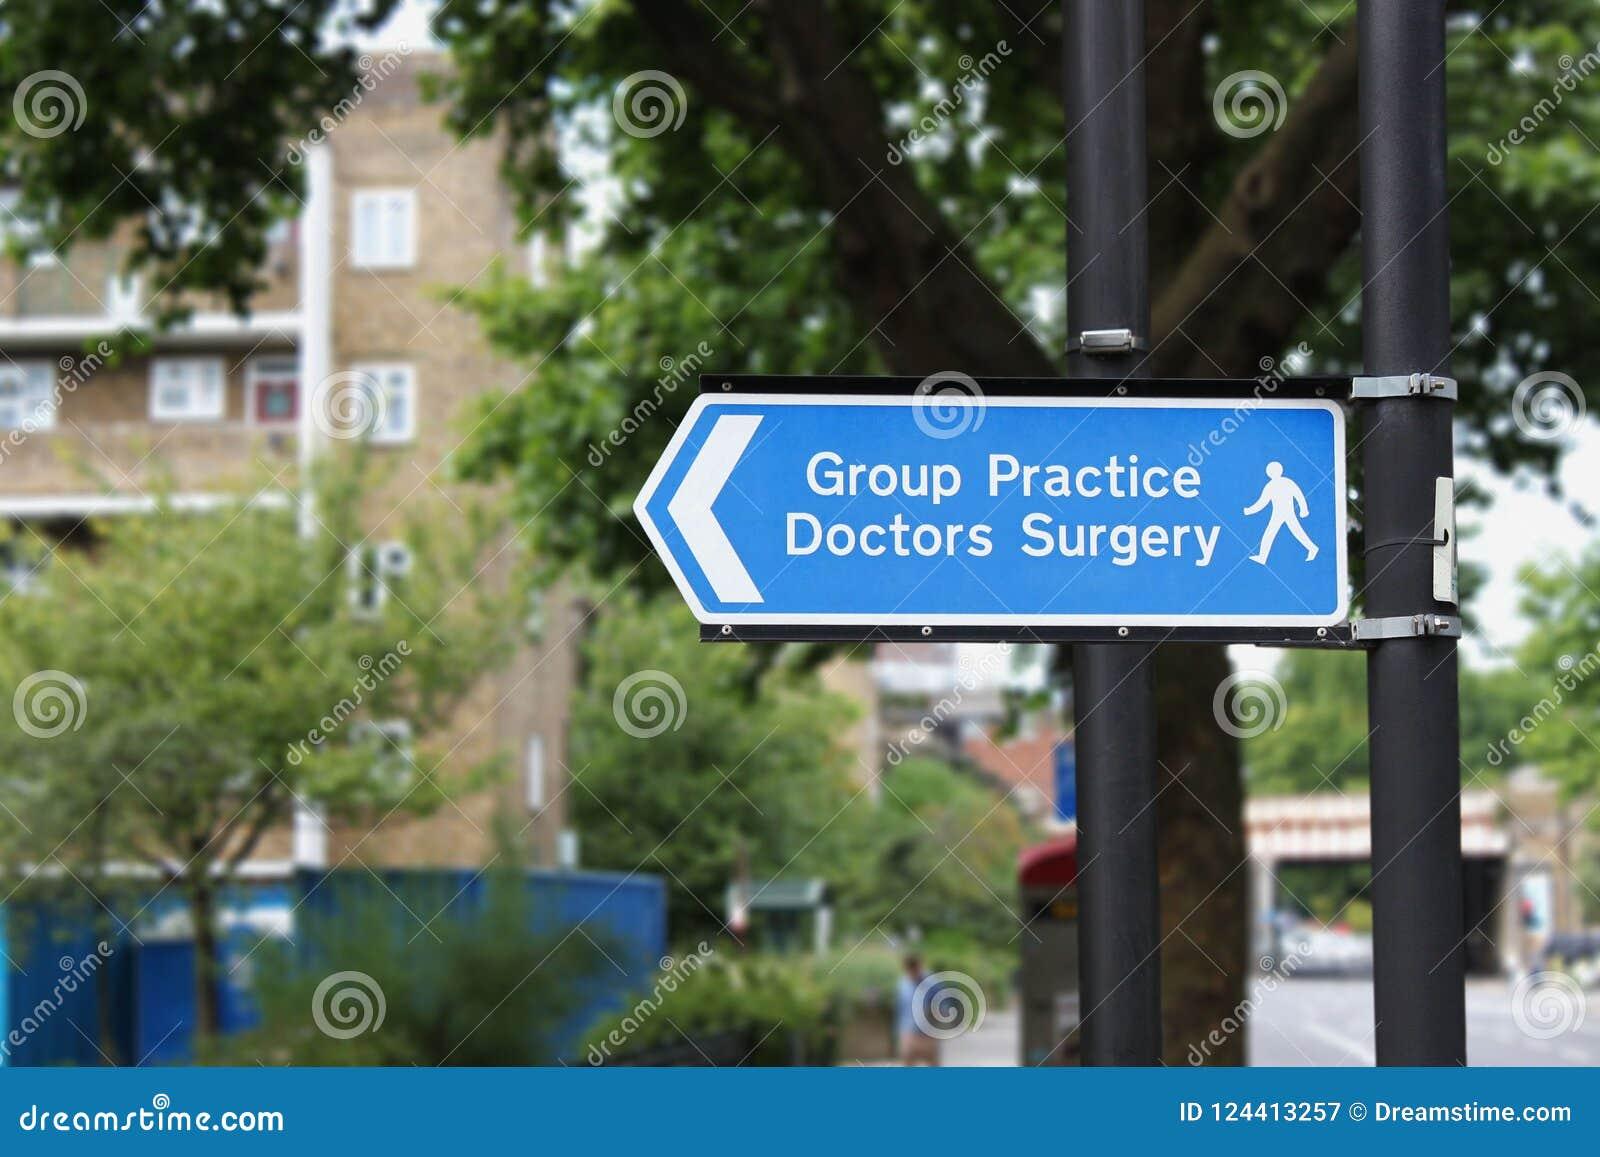 Σημάδι χειρουργικών επεμβάσεων γιατρών πρακτικής ομάδας